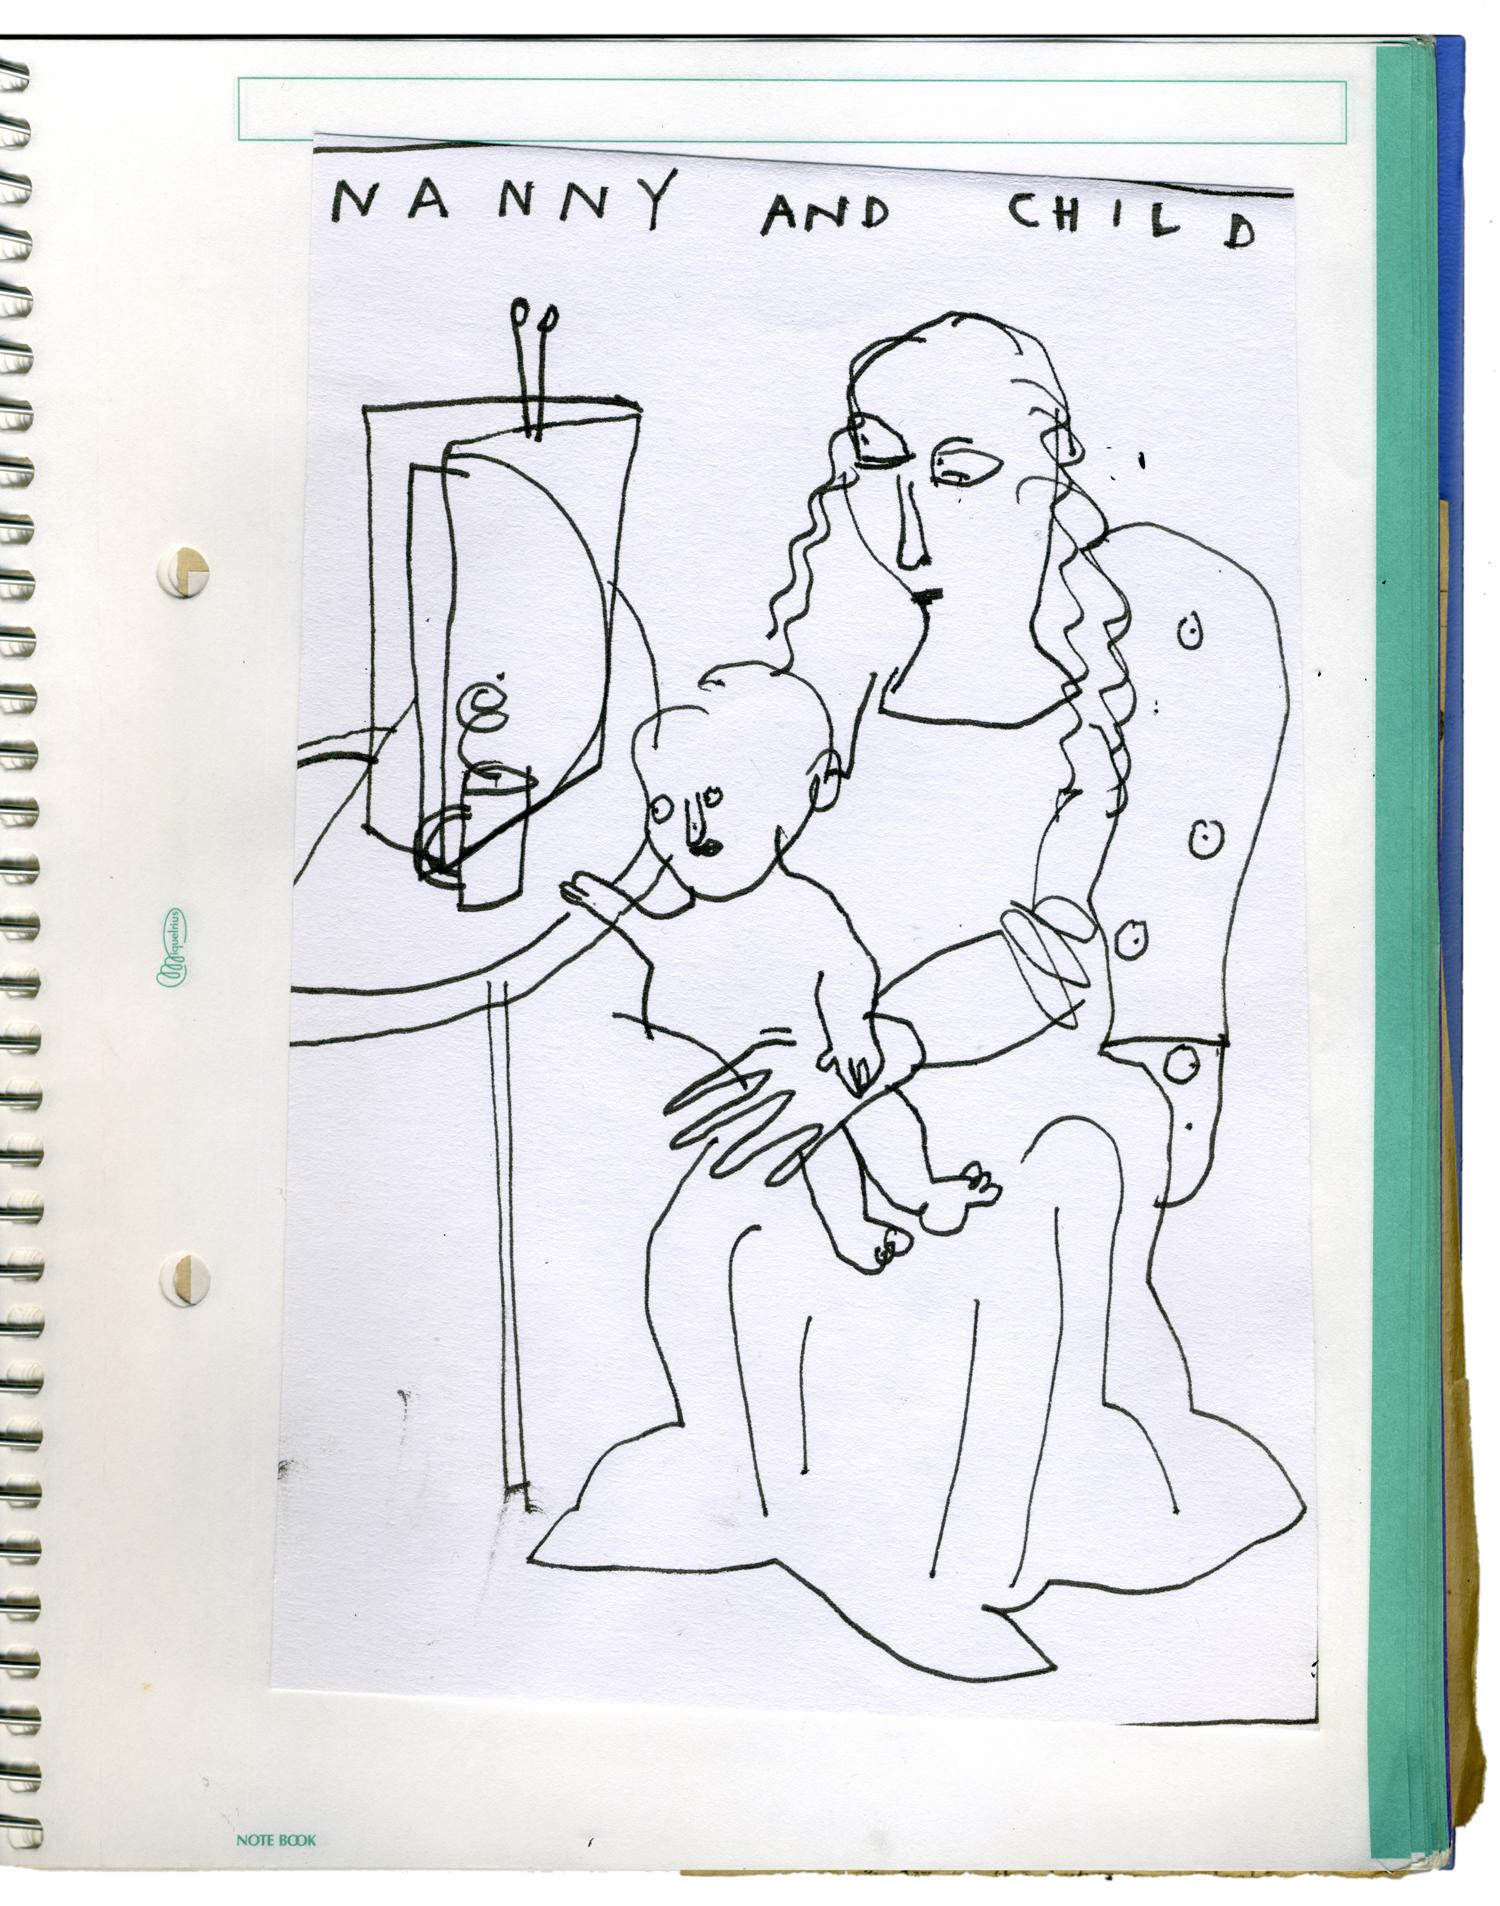 Nanny & Child I